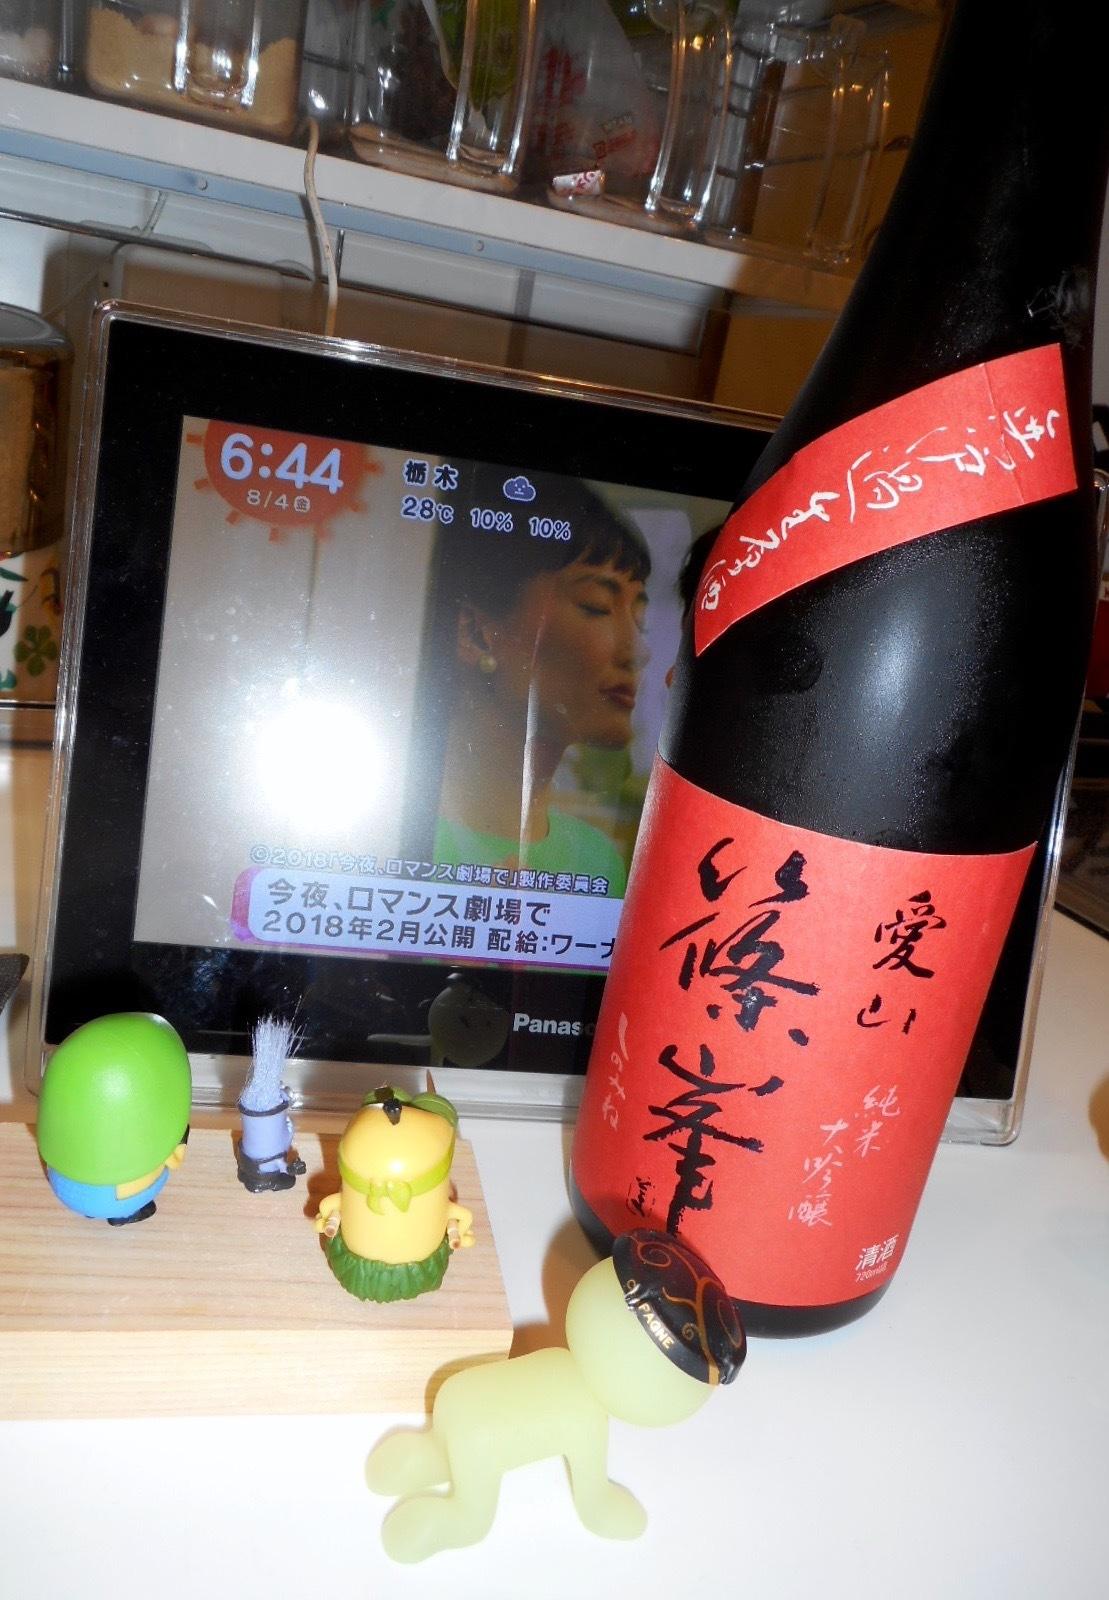 shinomine_aiyama45nama27by3.jpg